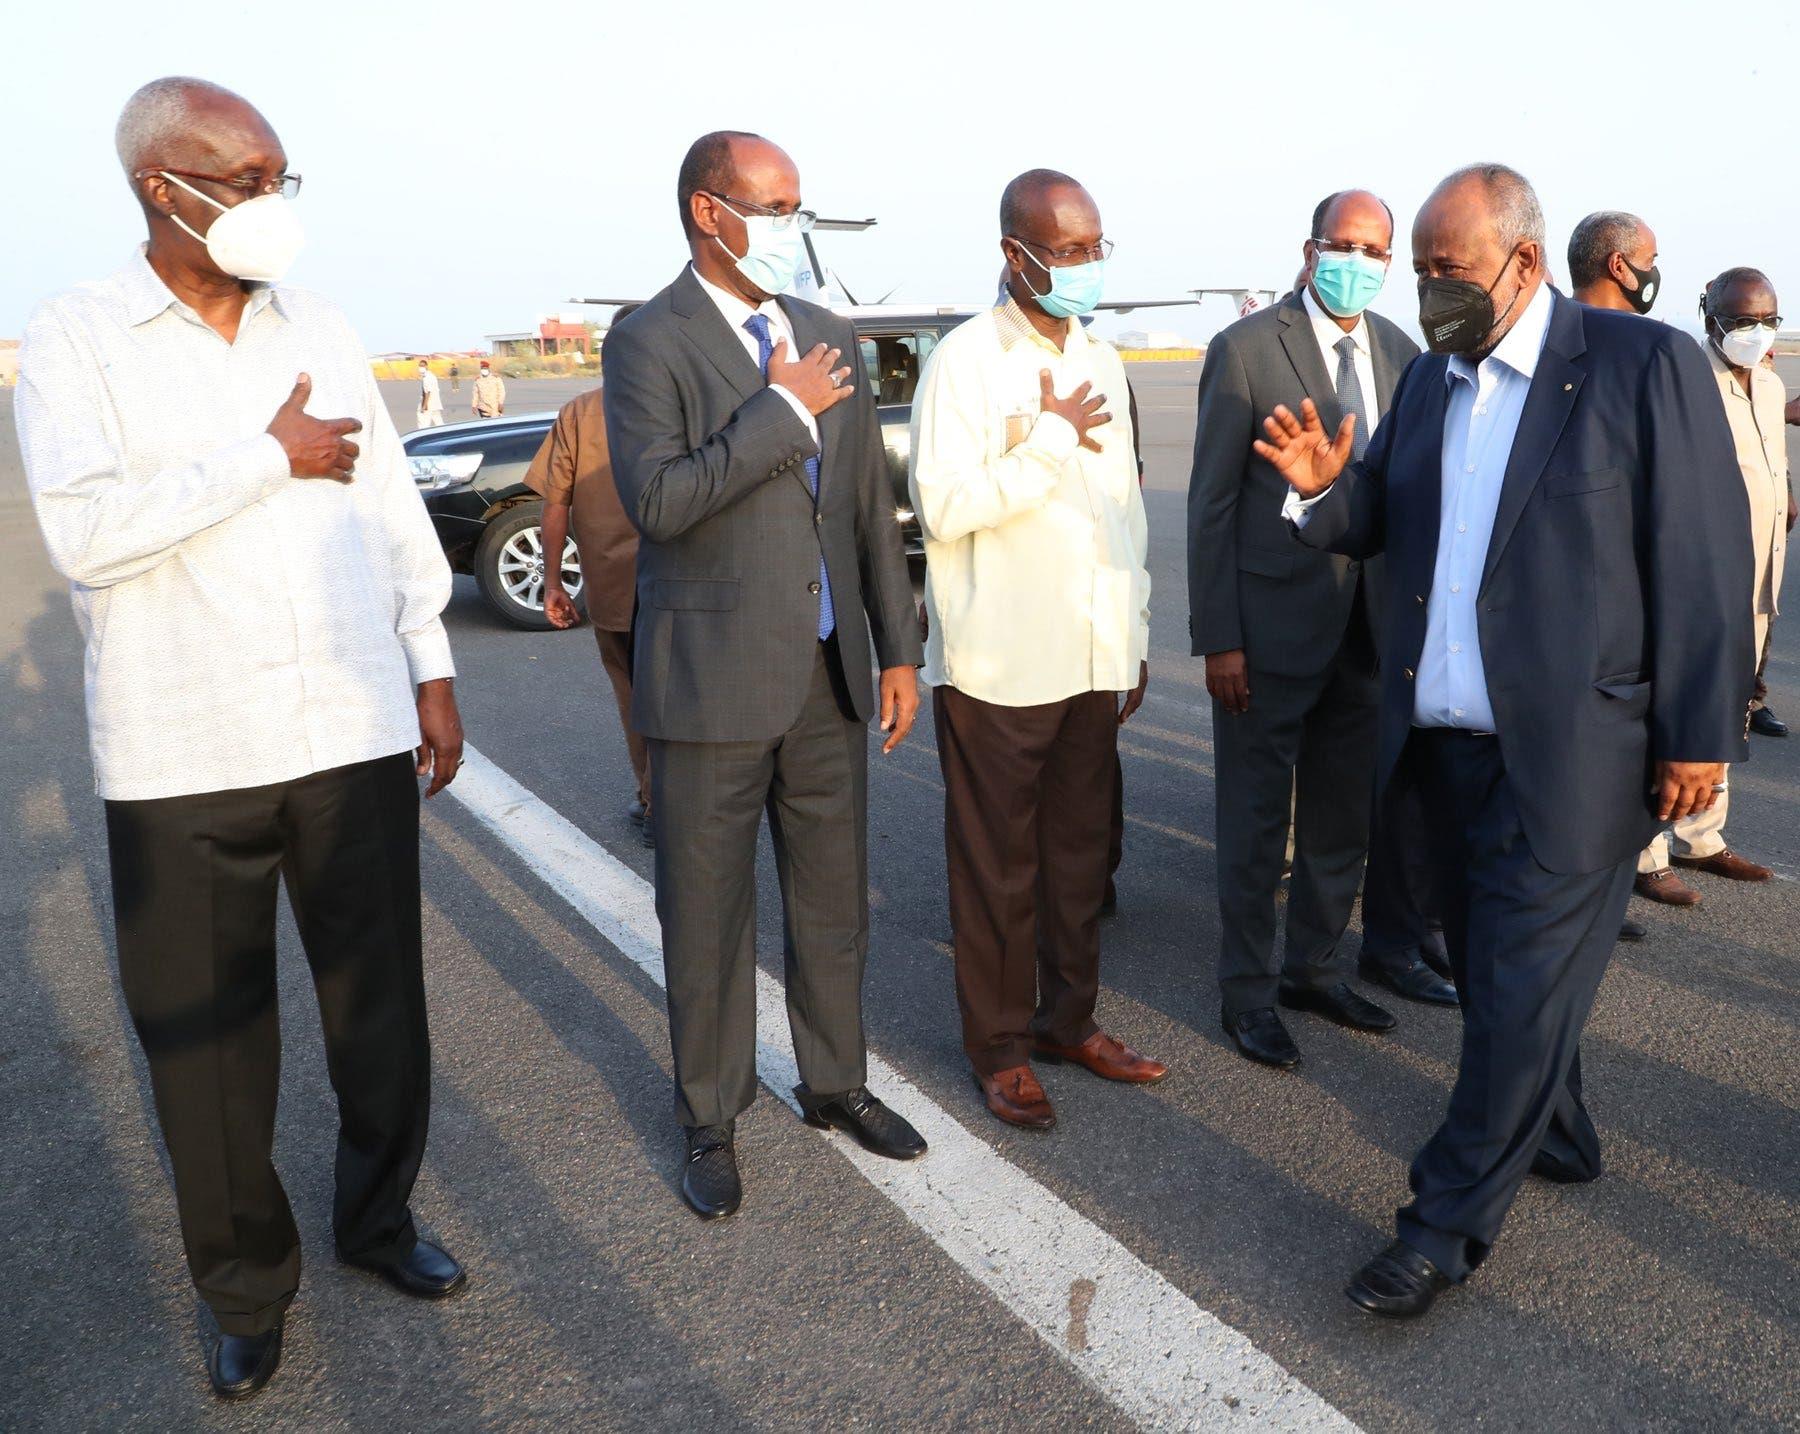 Sawirro: Madaxweyne Geelle oo maanta ku laabtay Jabuuti kadib wararkii laga faafiyey